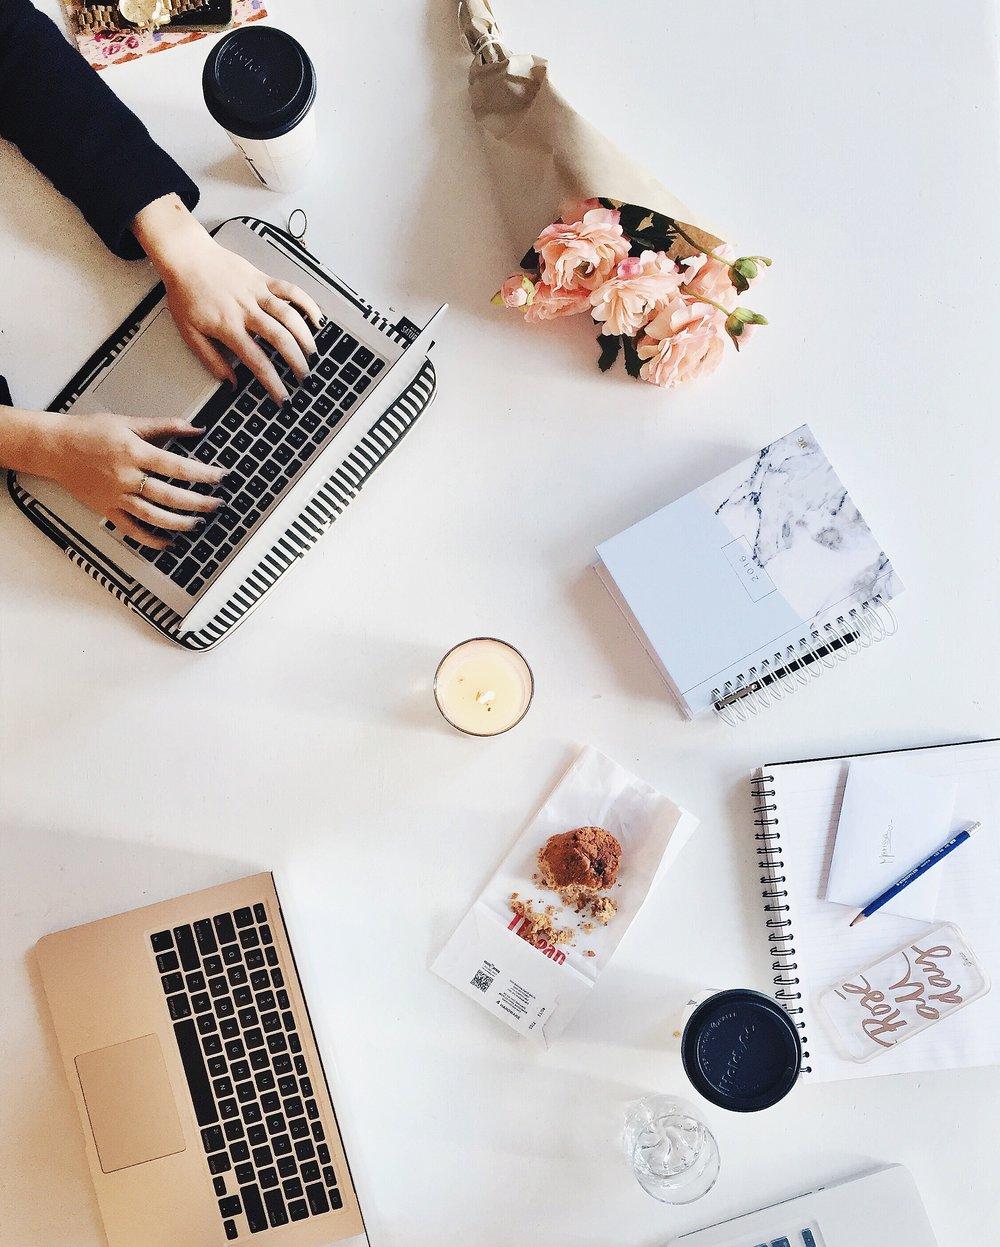 Een klein en toegewijd team op maat - Katrien geeft samen met content creator Romy vorm aan jouw verhaal.Daarnaast kan Katrien rekenen op haar ervaren netwerk dat zij de afgelopen tien jaar heeft uitgebouwd. Op basis van je project en budget stelt zij het juiste team samen.